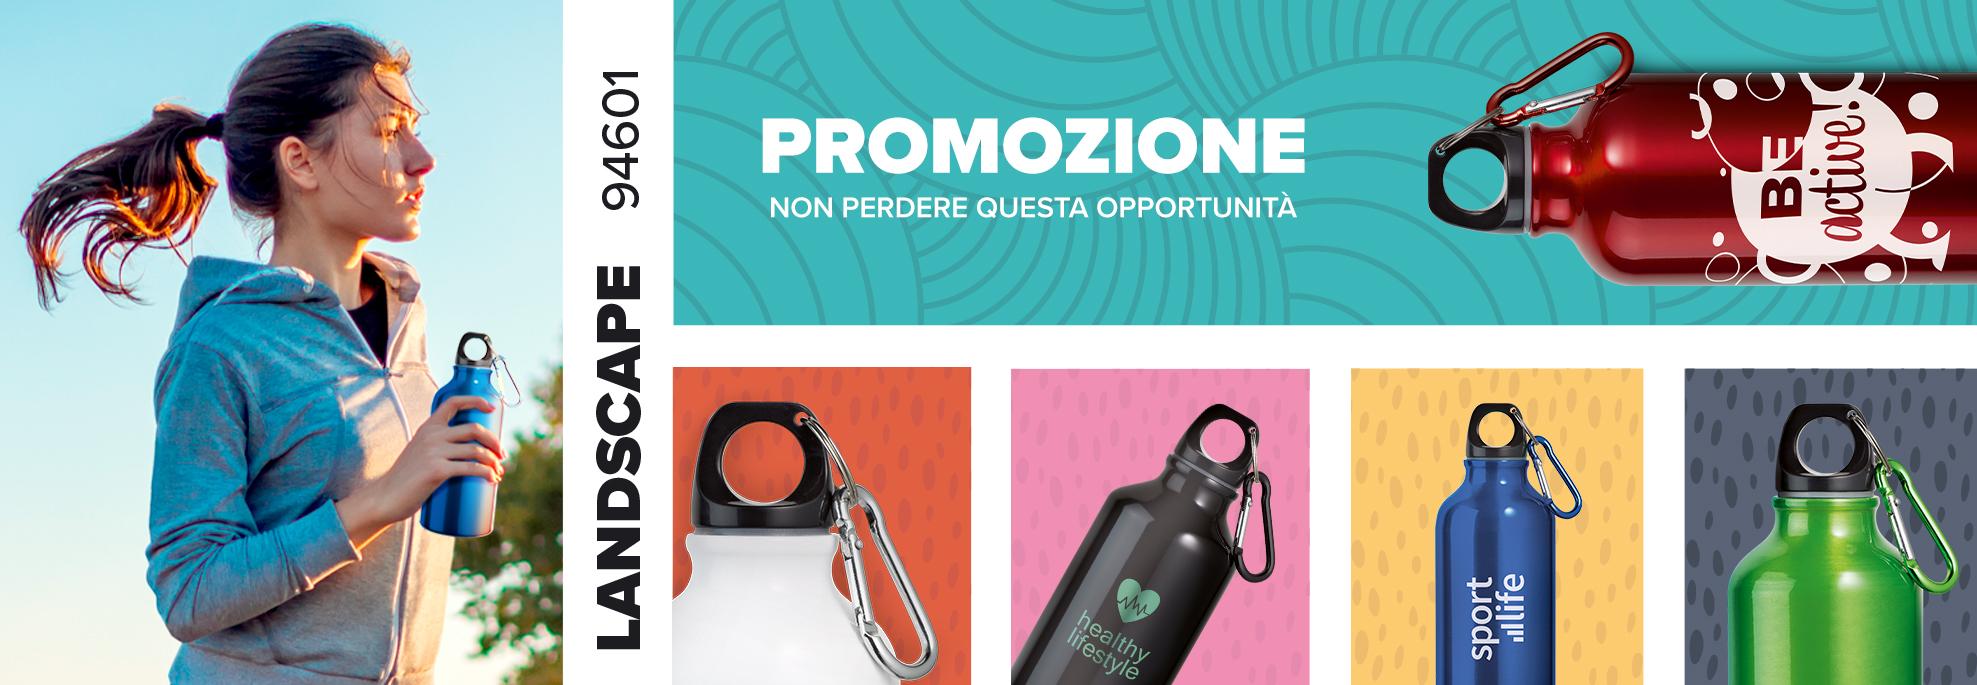 Super offerta Drink -personalizzazione compresa